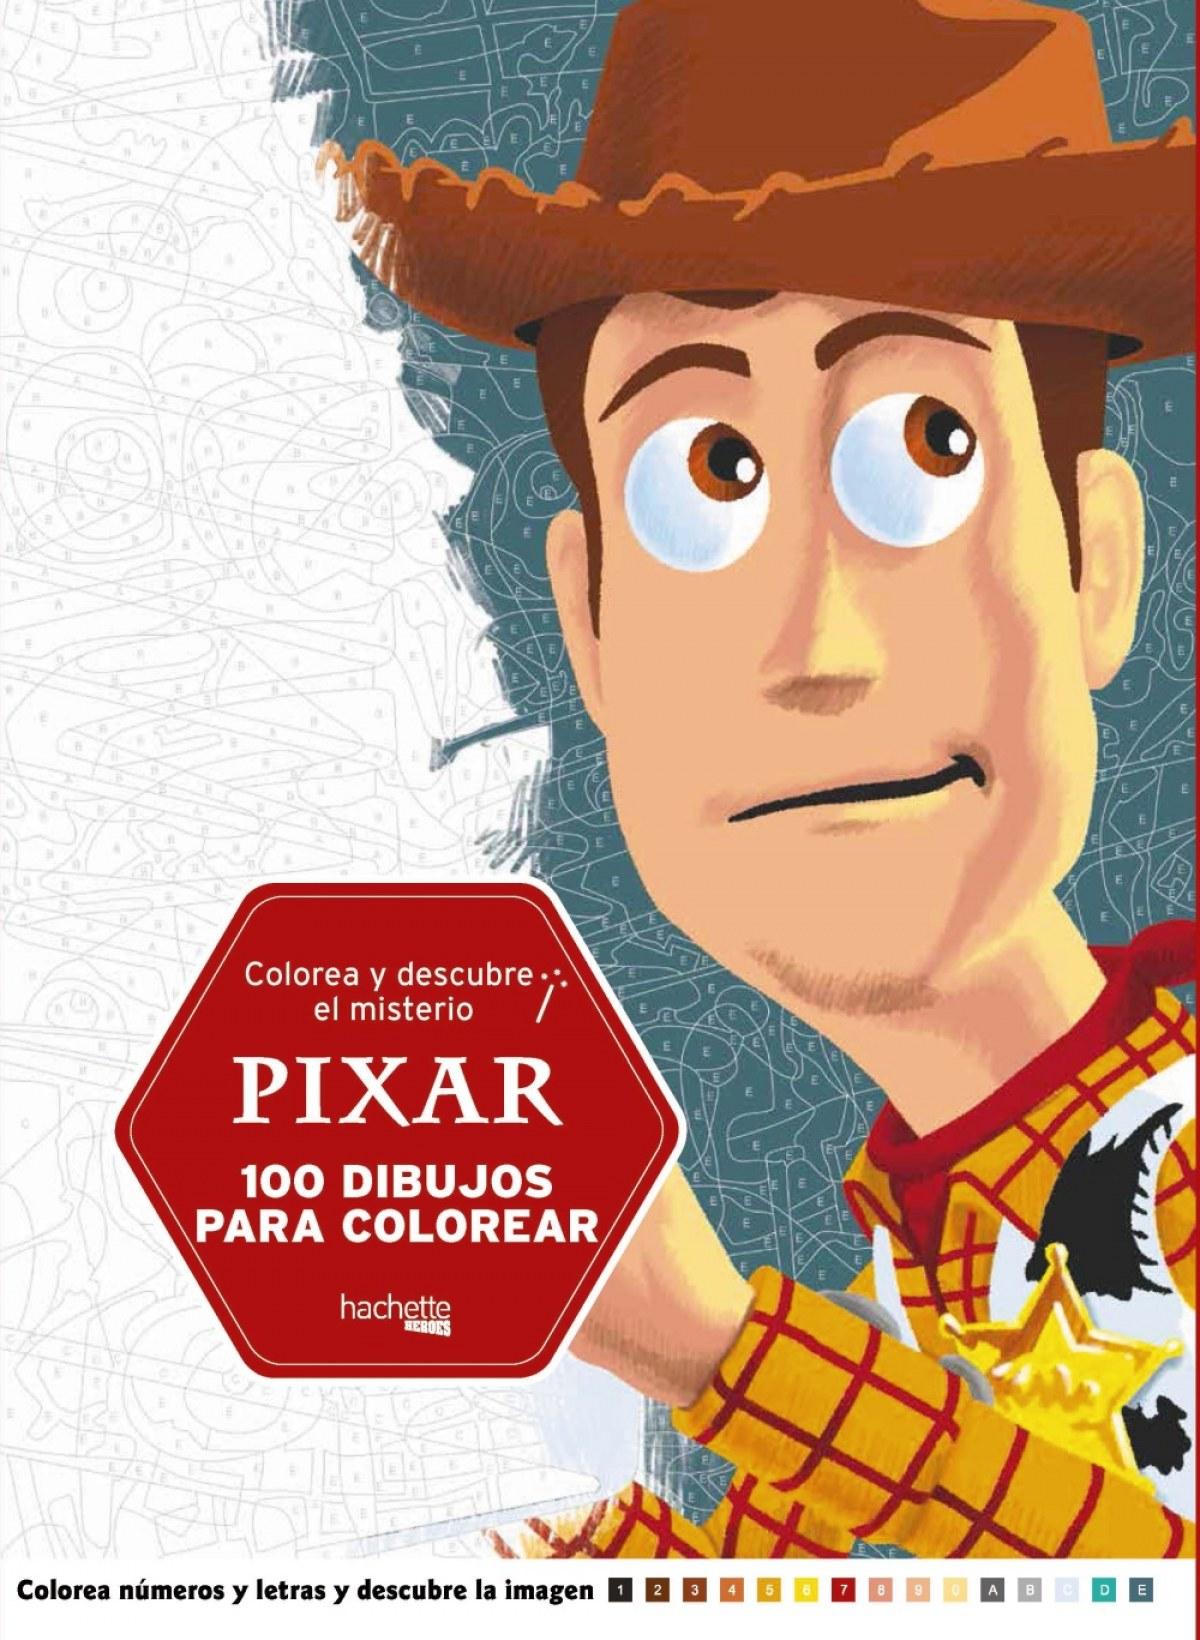 100 DIBUJOS PARA COLOREAR 9788416857296